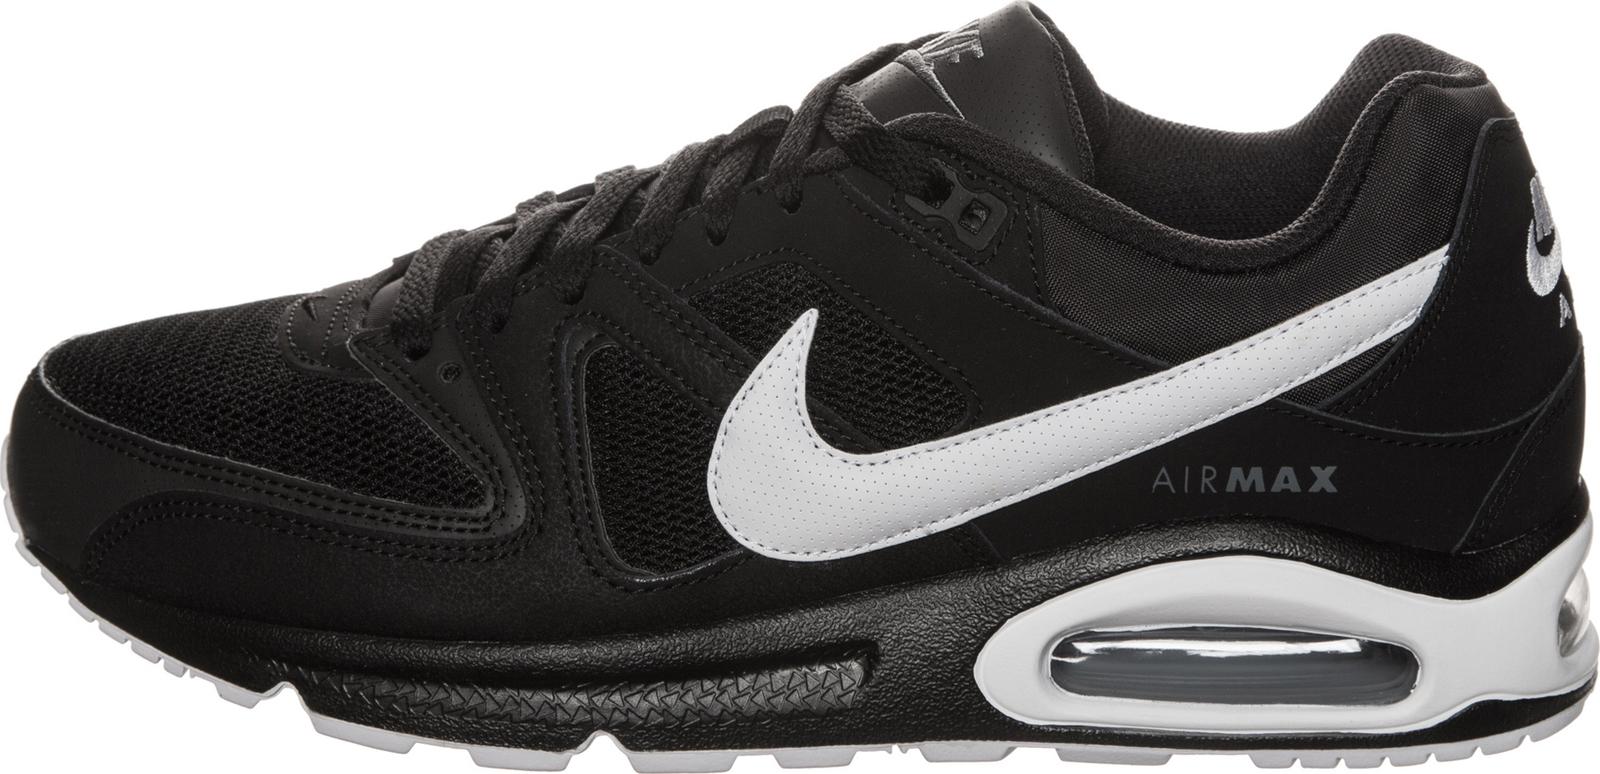 Nike Air Max Command 629993 032